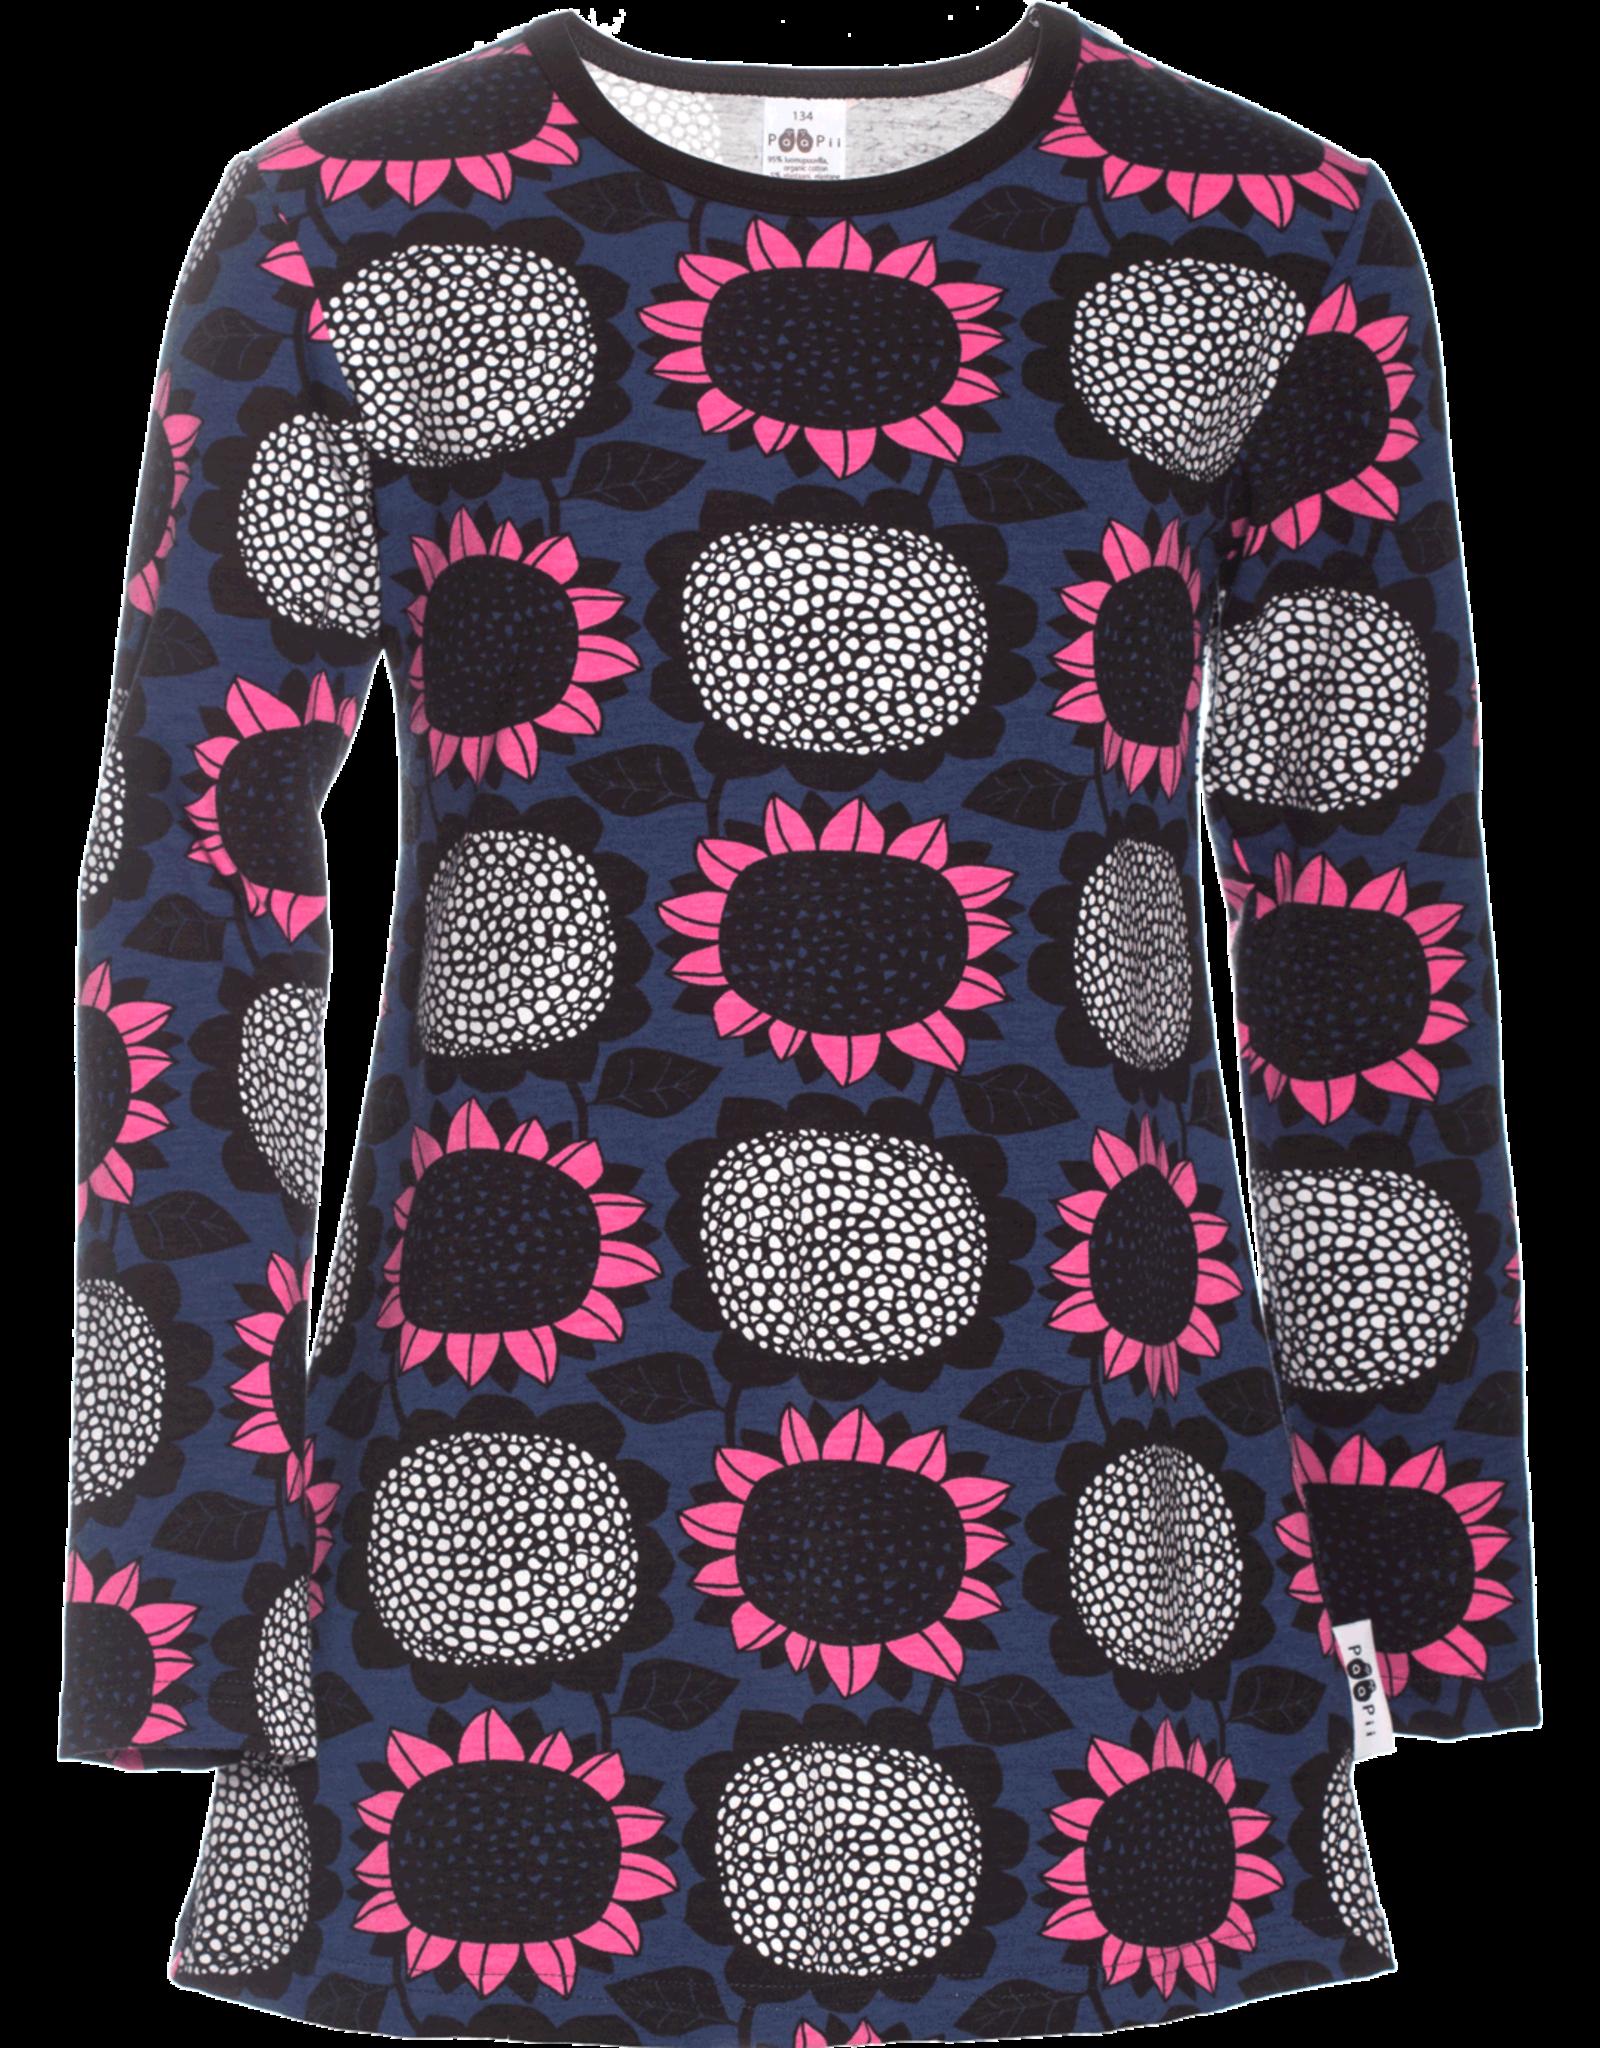 Tuniek met zonnebloemen print